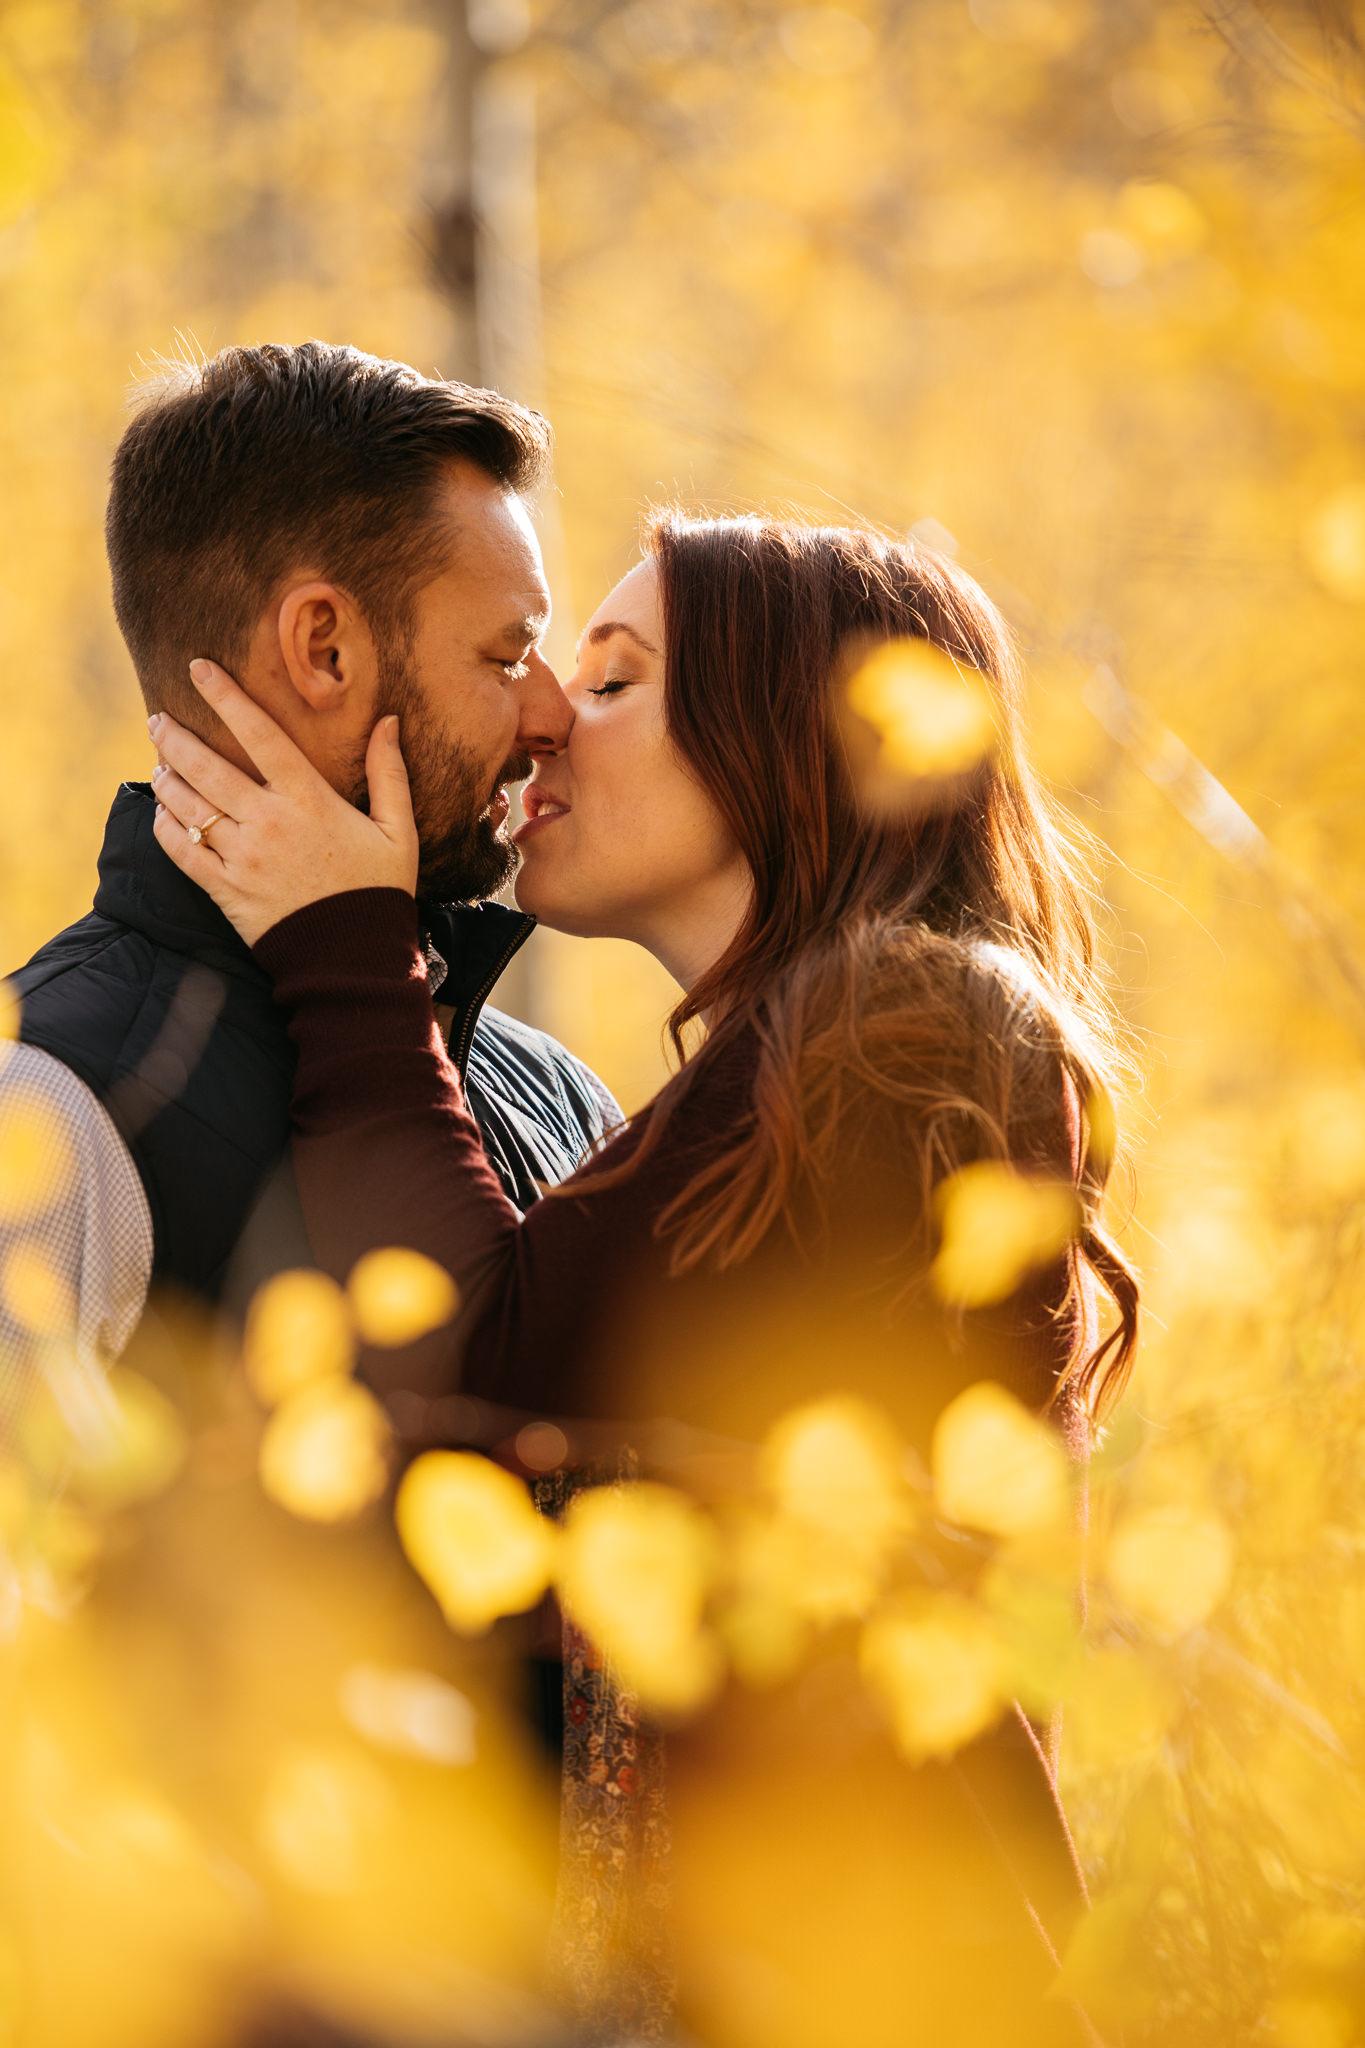 20_PRVW_Madison_Chris_Engagements_Trevor_Hooper_Photo.jpg